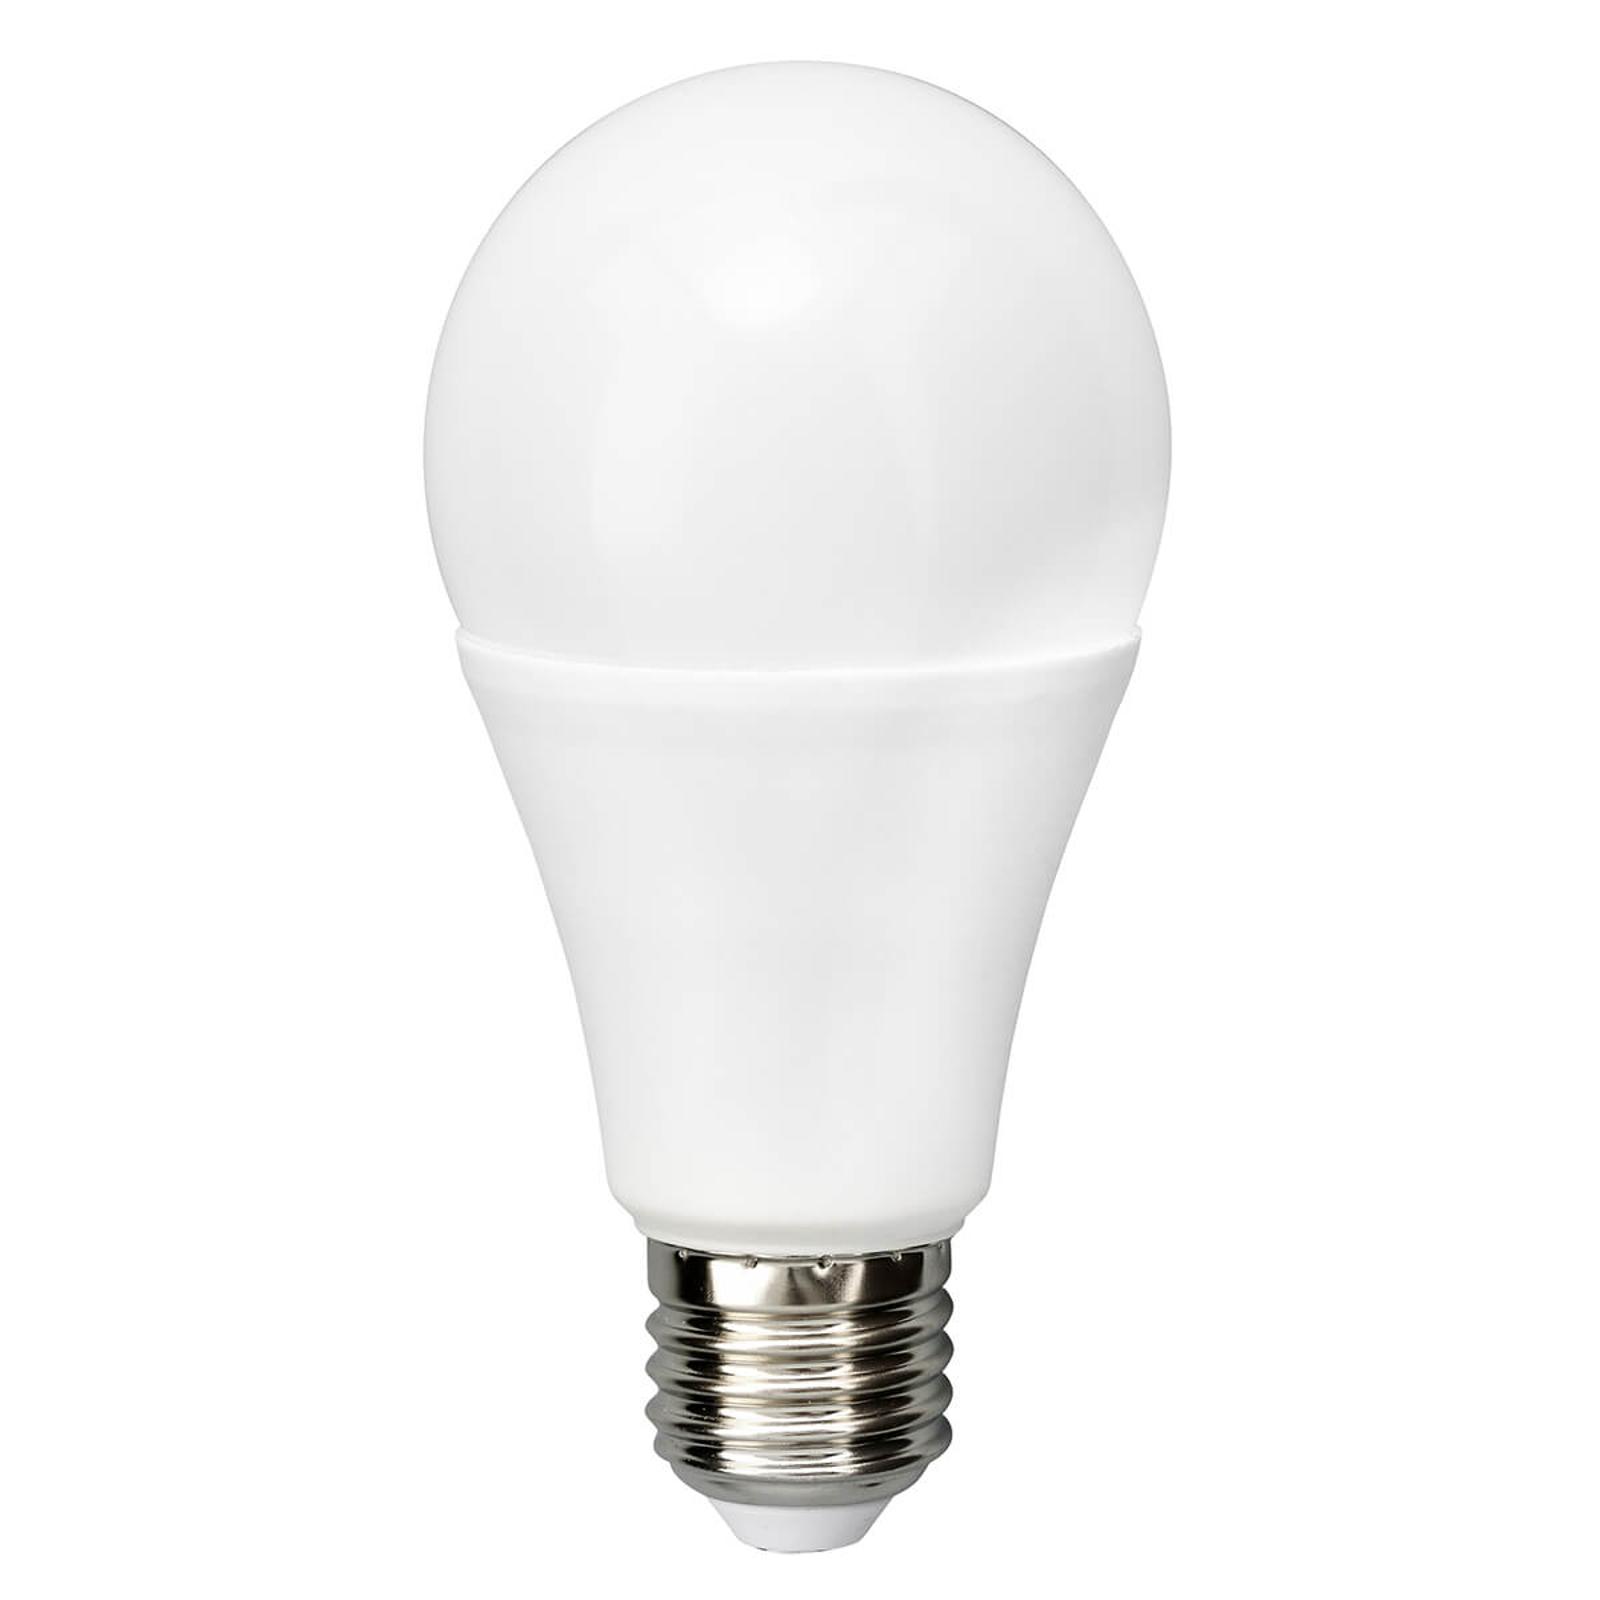 E27 20W 827 lampadina LED satinata